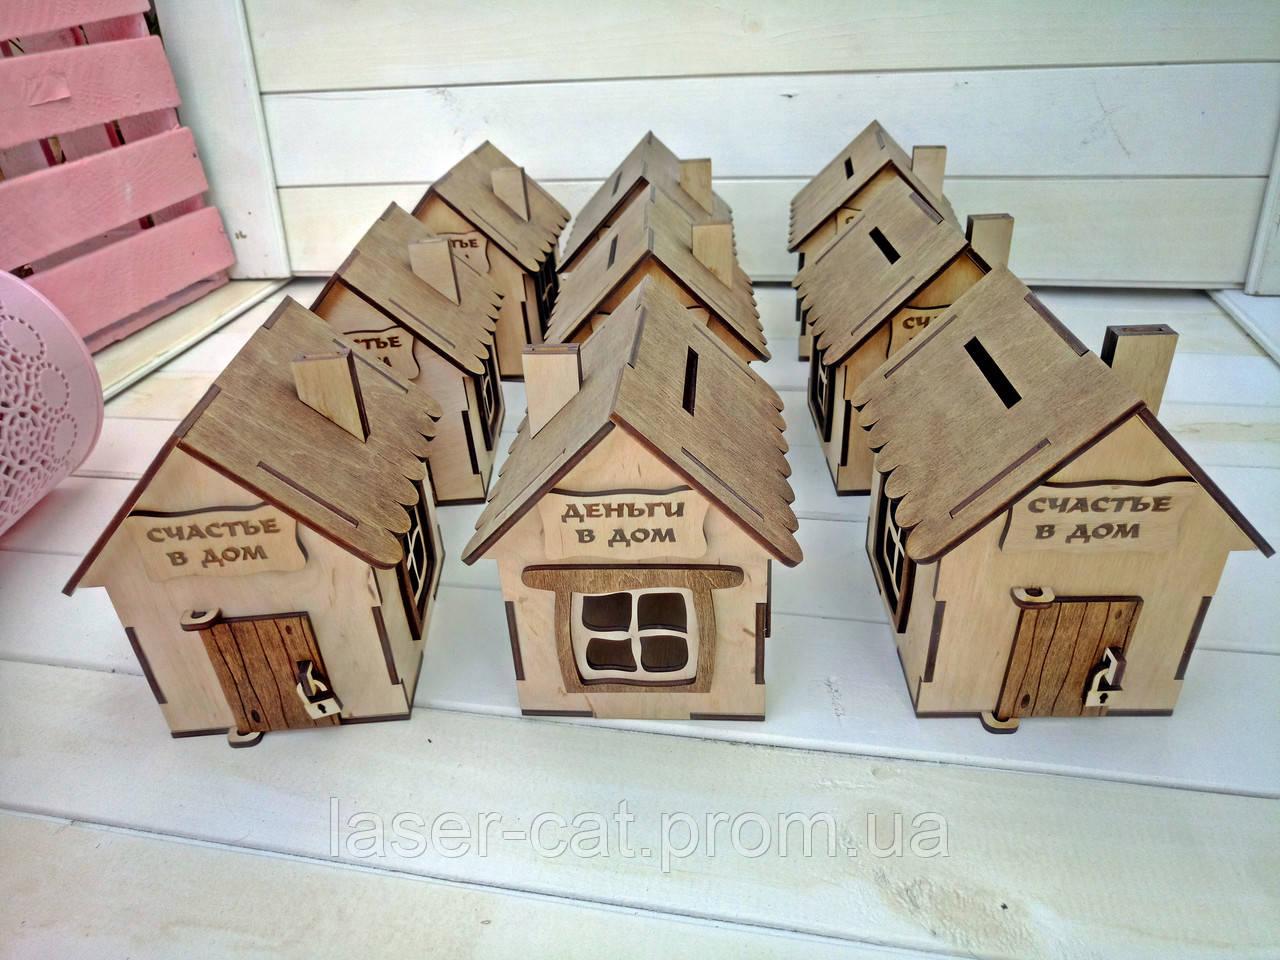 """Копилка-домик с надписями """"счастье в дом"""",""""деньги в дом"""". Размеры  10*12*14,5 - Laser cat в Запорожье"""